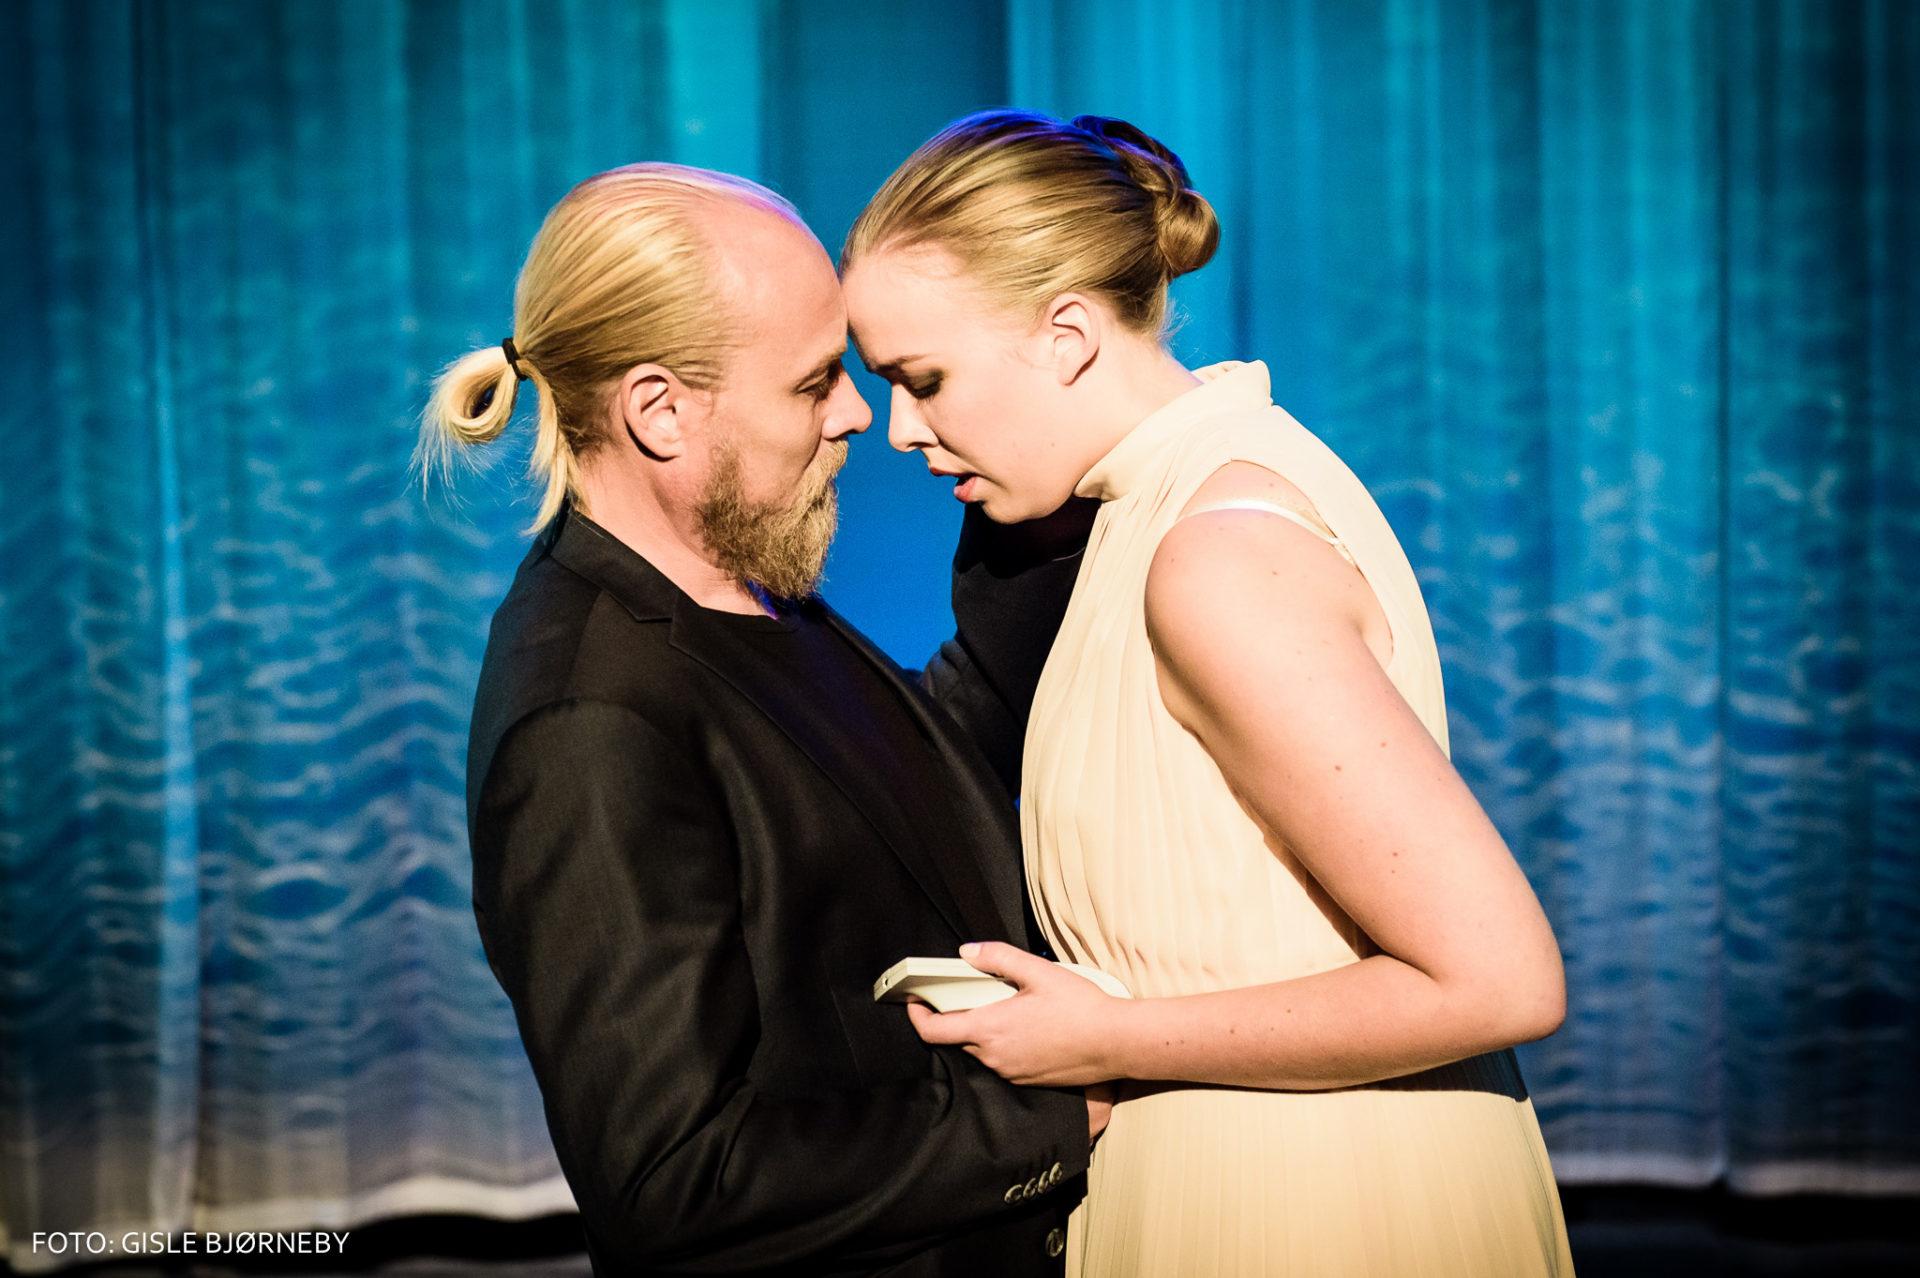 mann og dame omfavner hverandre